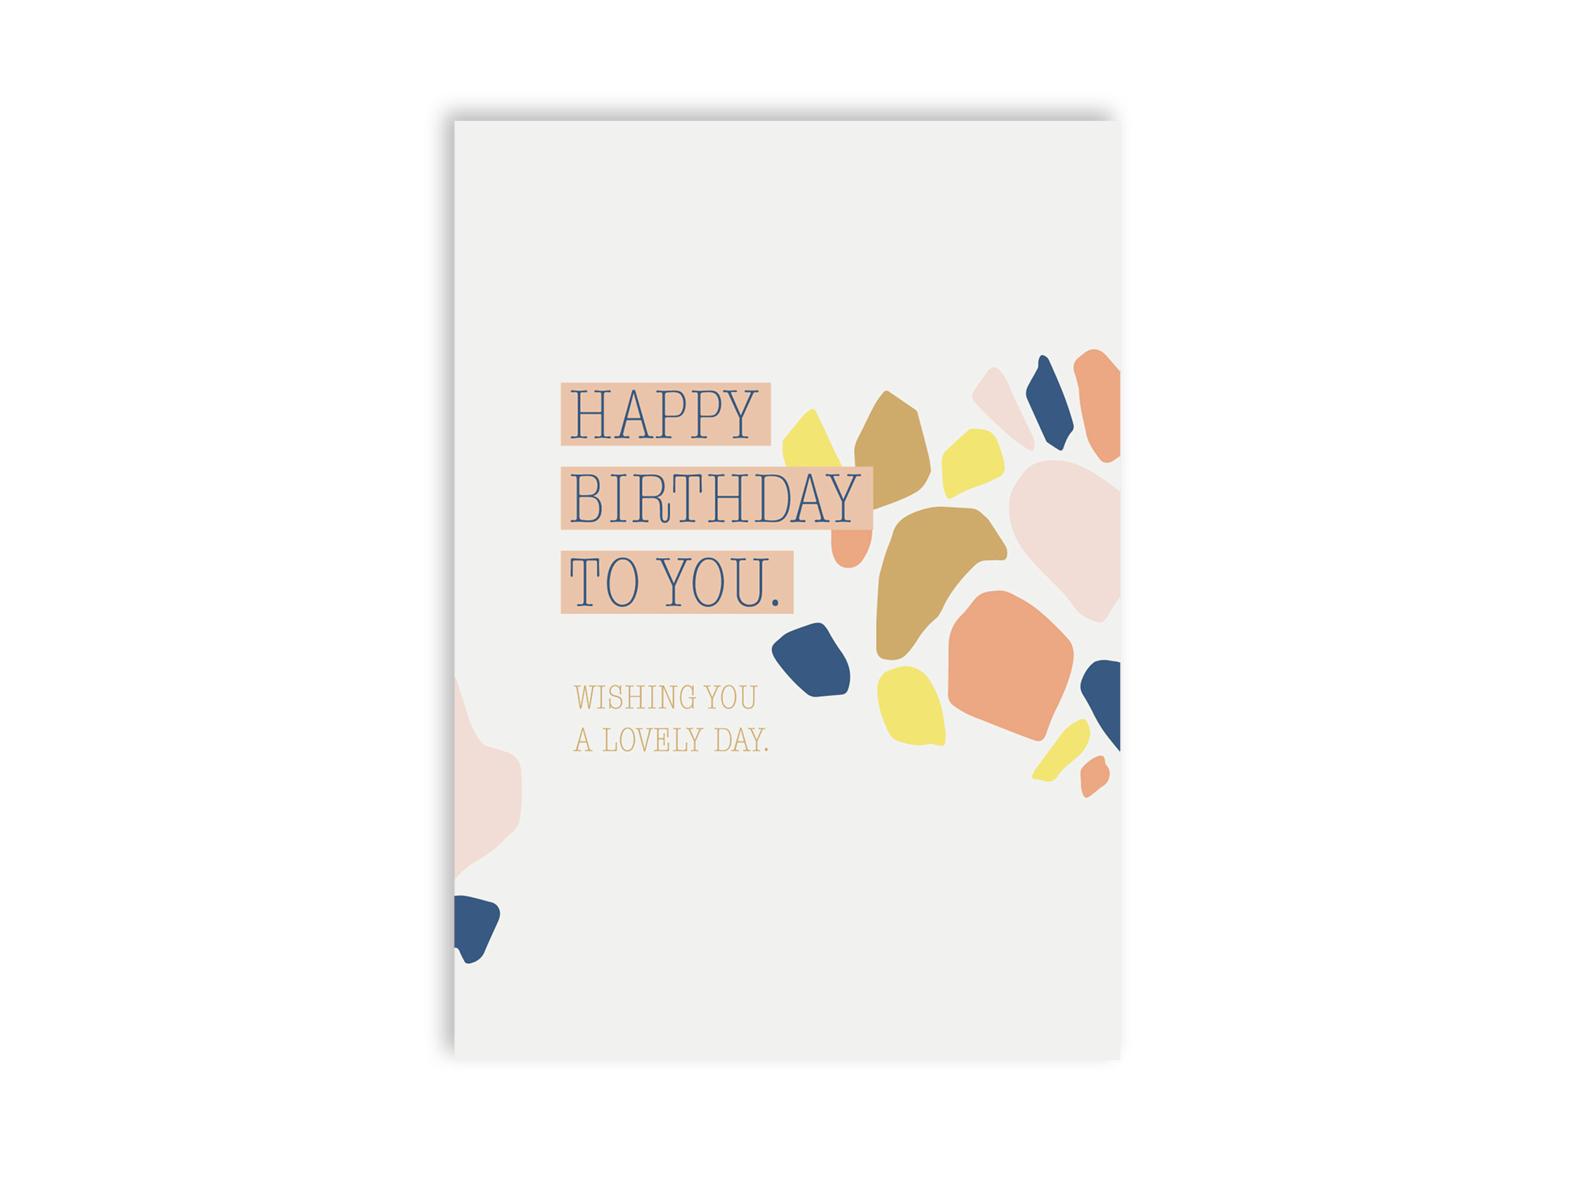 Happybirthday_graphisch_Bispinck_vorschau